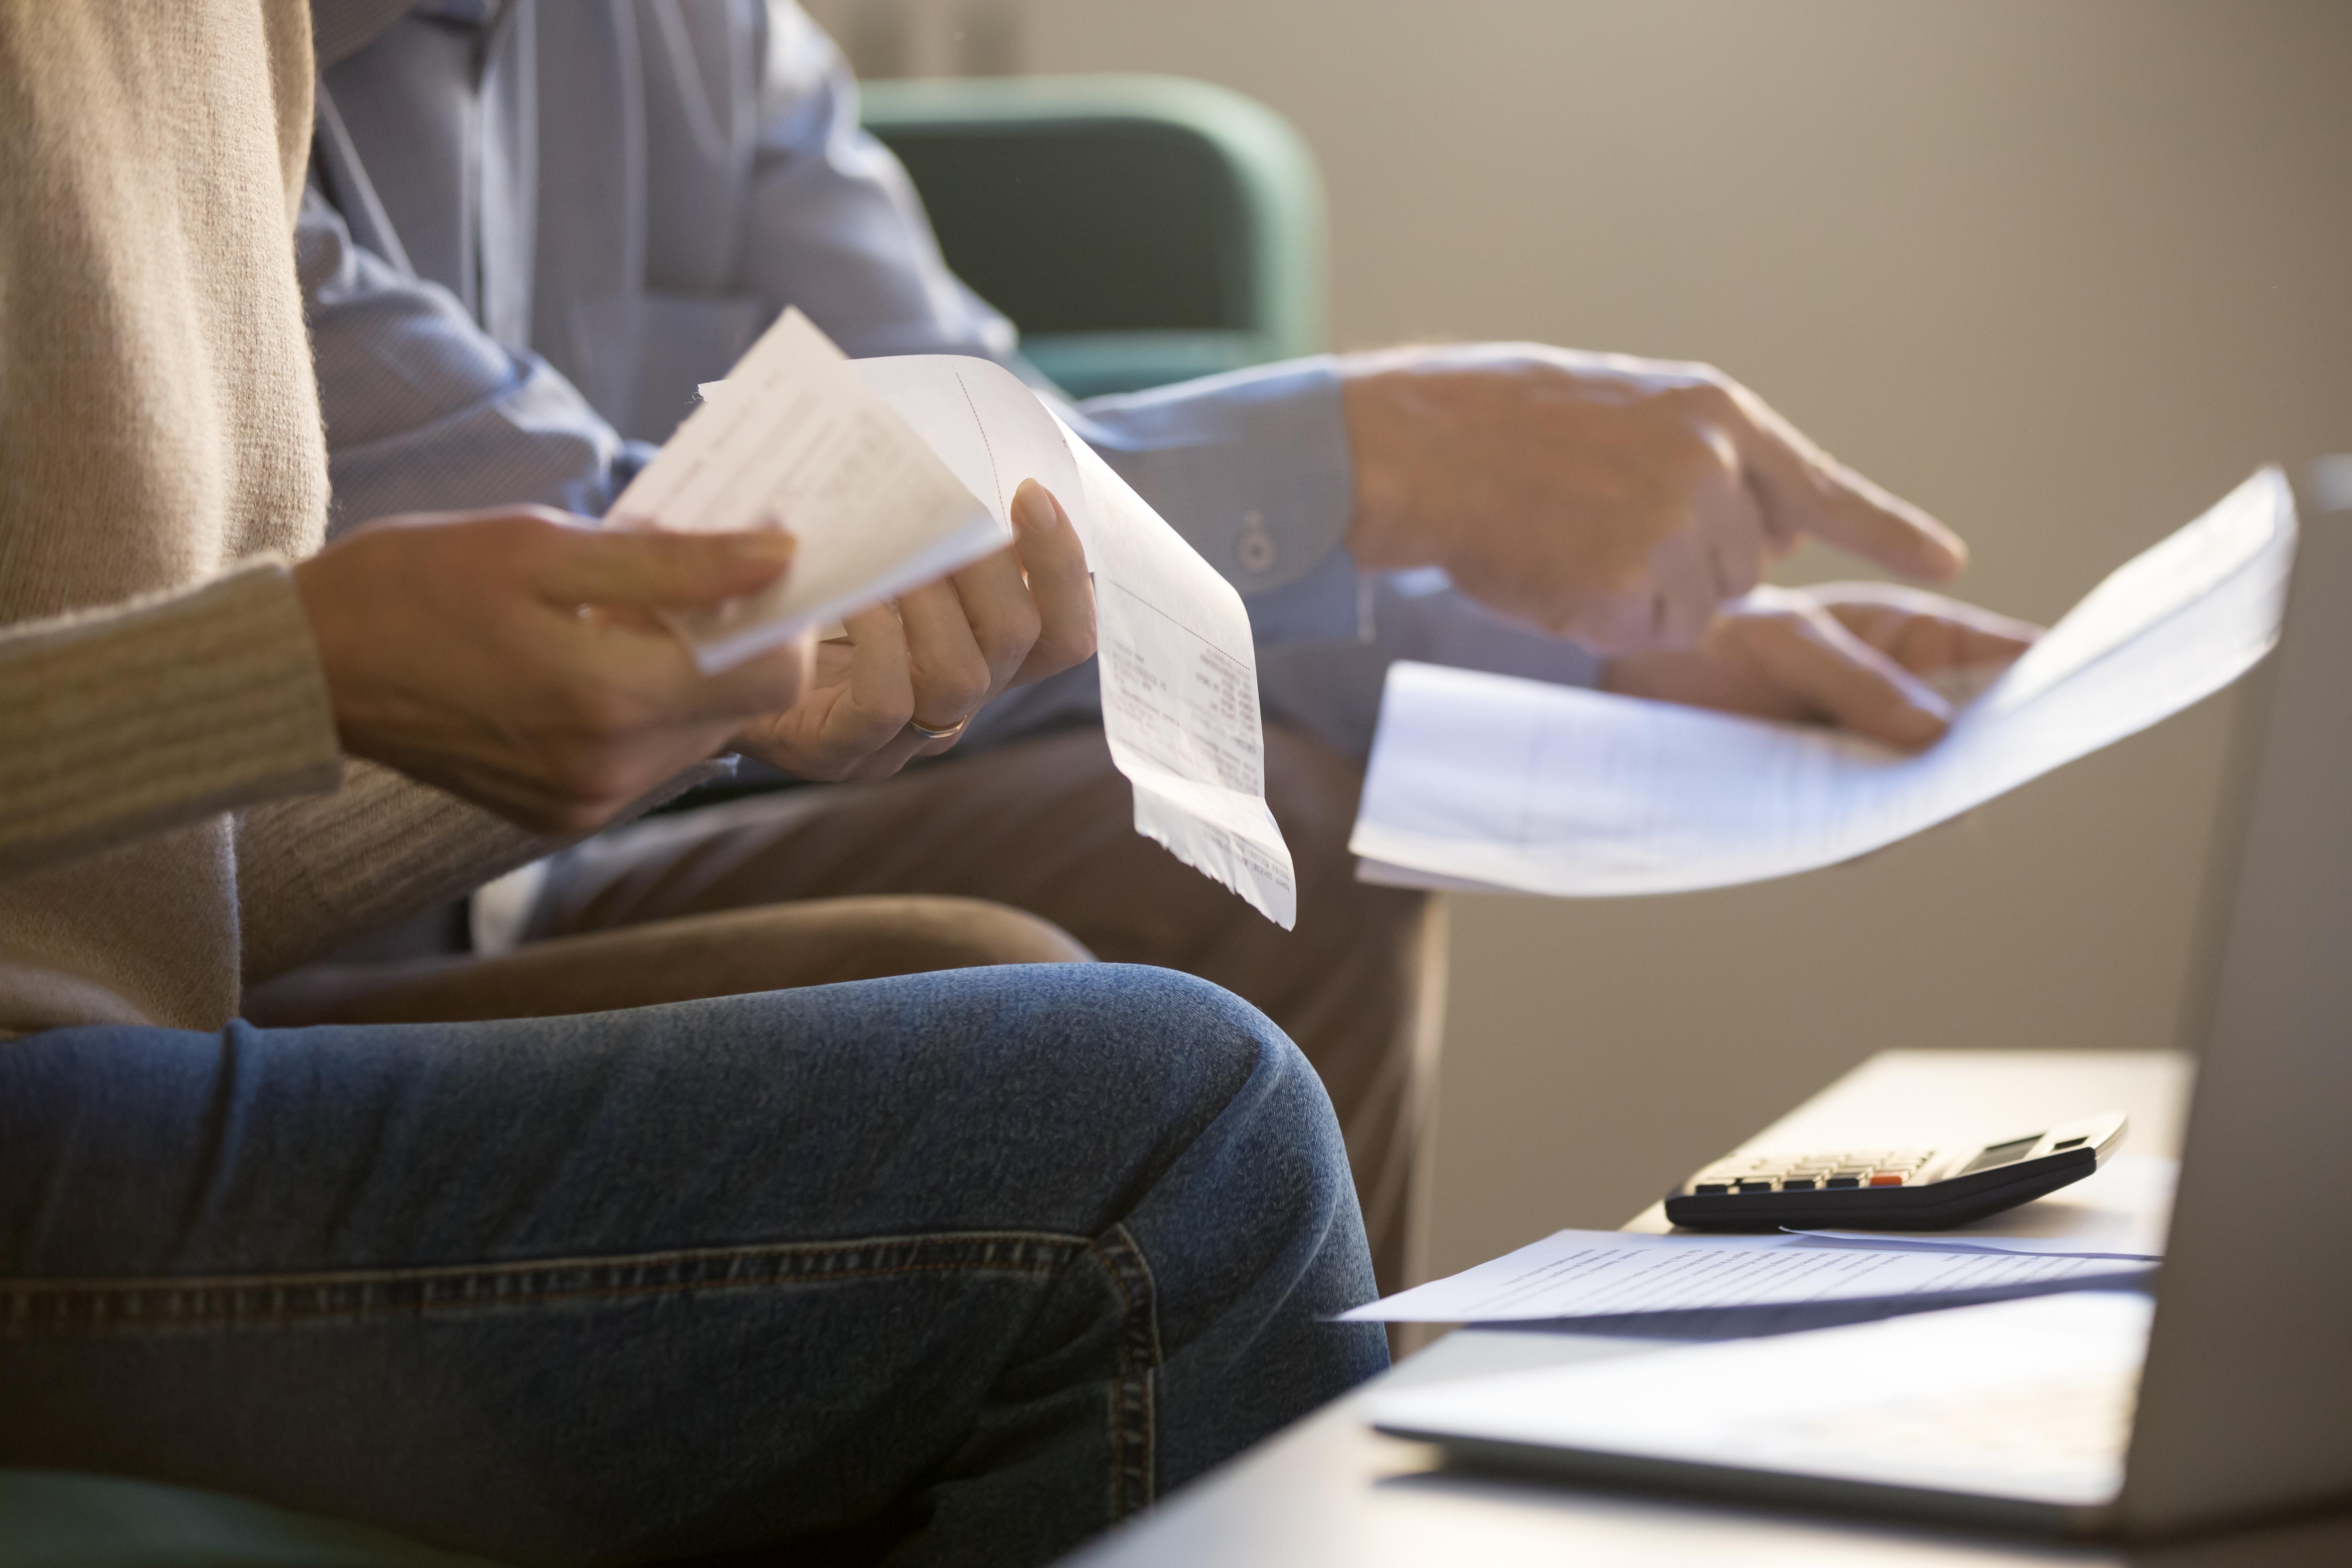 Matéria MBD - Cheque Especial - casal com contas, calculadora. Palavras-chave: dívidas, orçamento, cheque especial